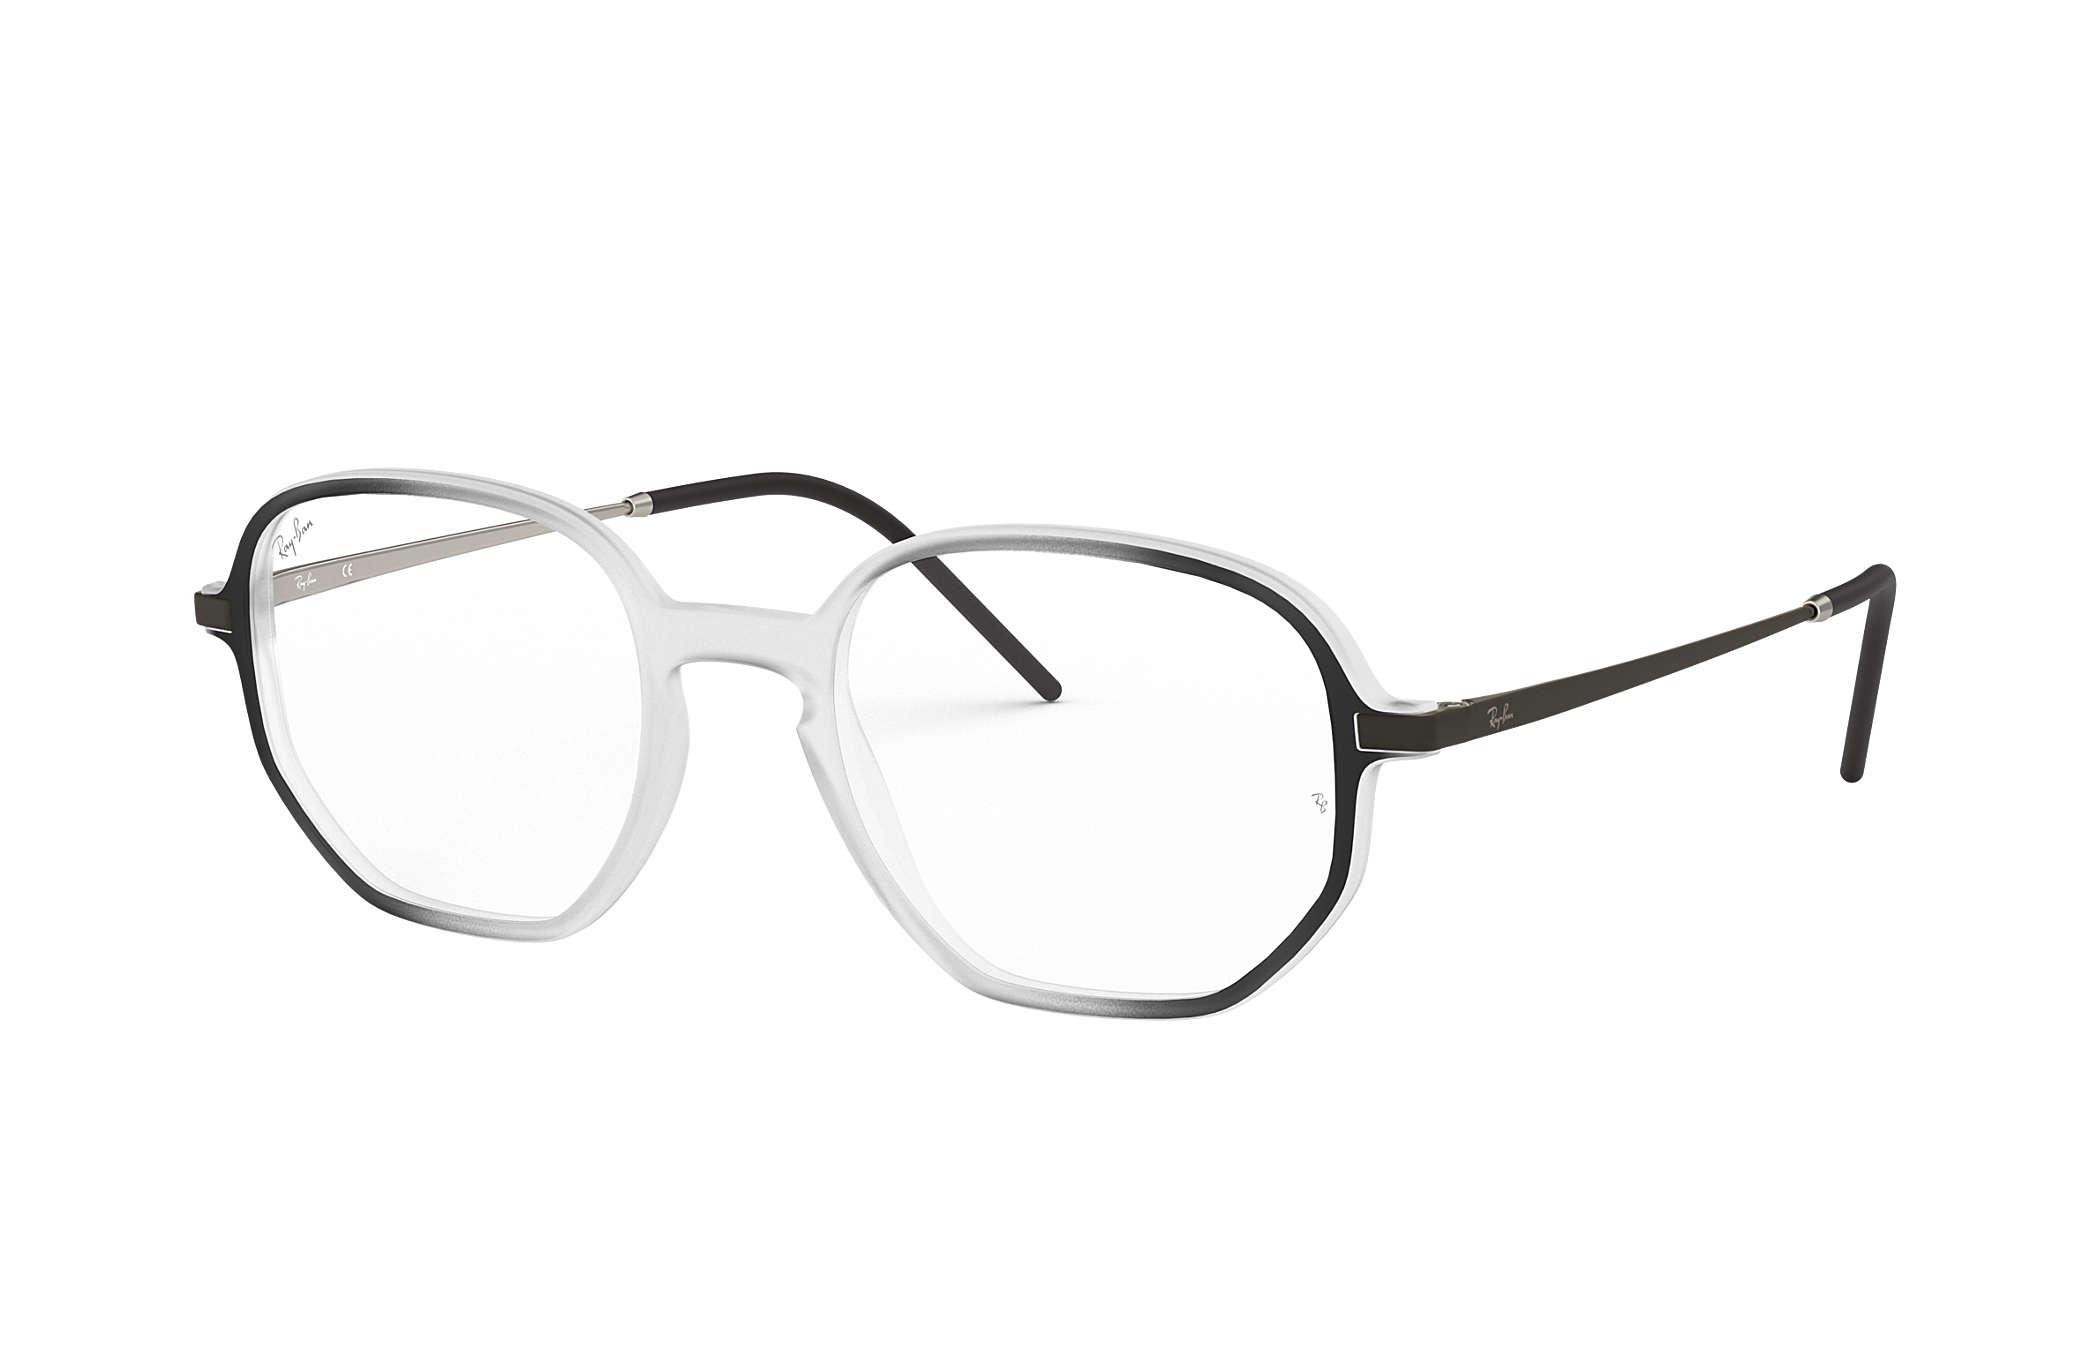 8e58a4773c88c Óculos de grau Ray-Ban RB7152 Transparente - Injetado ...